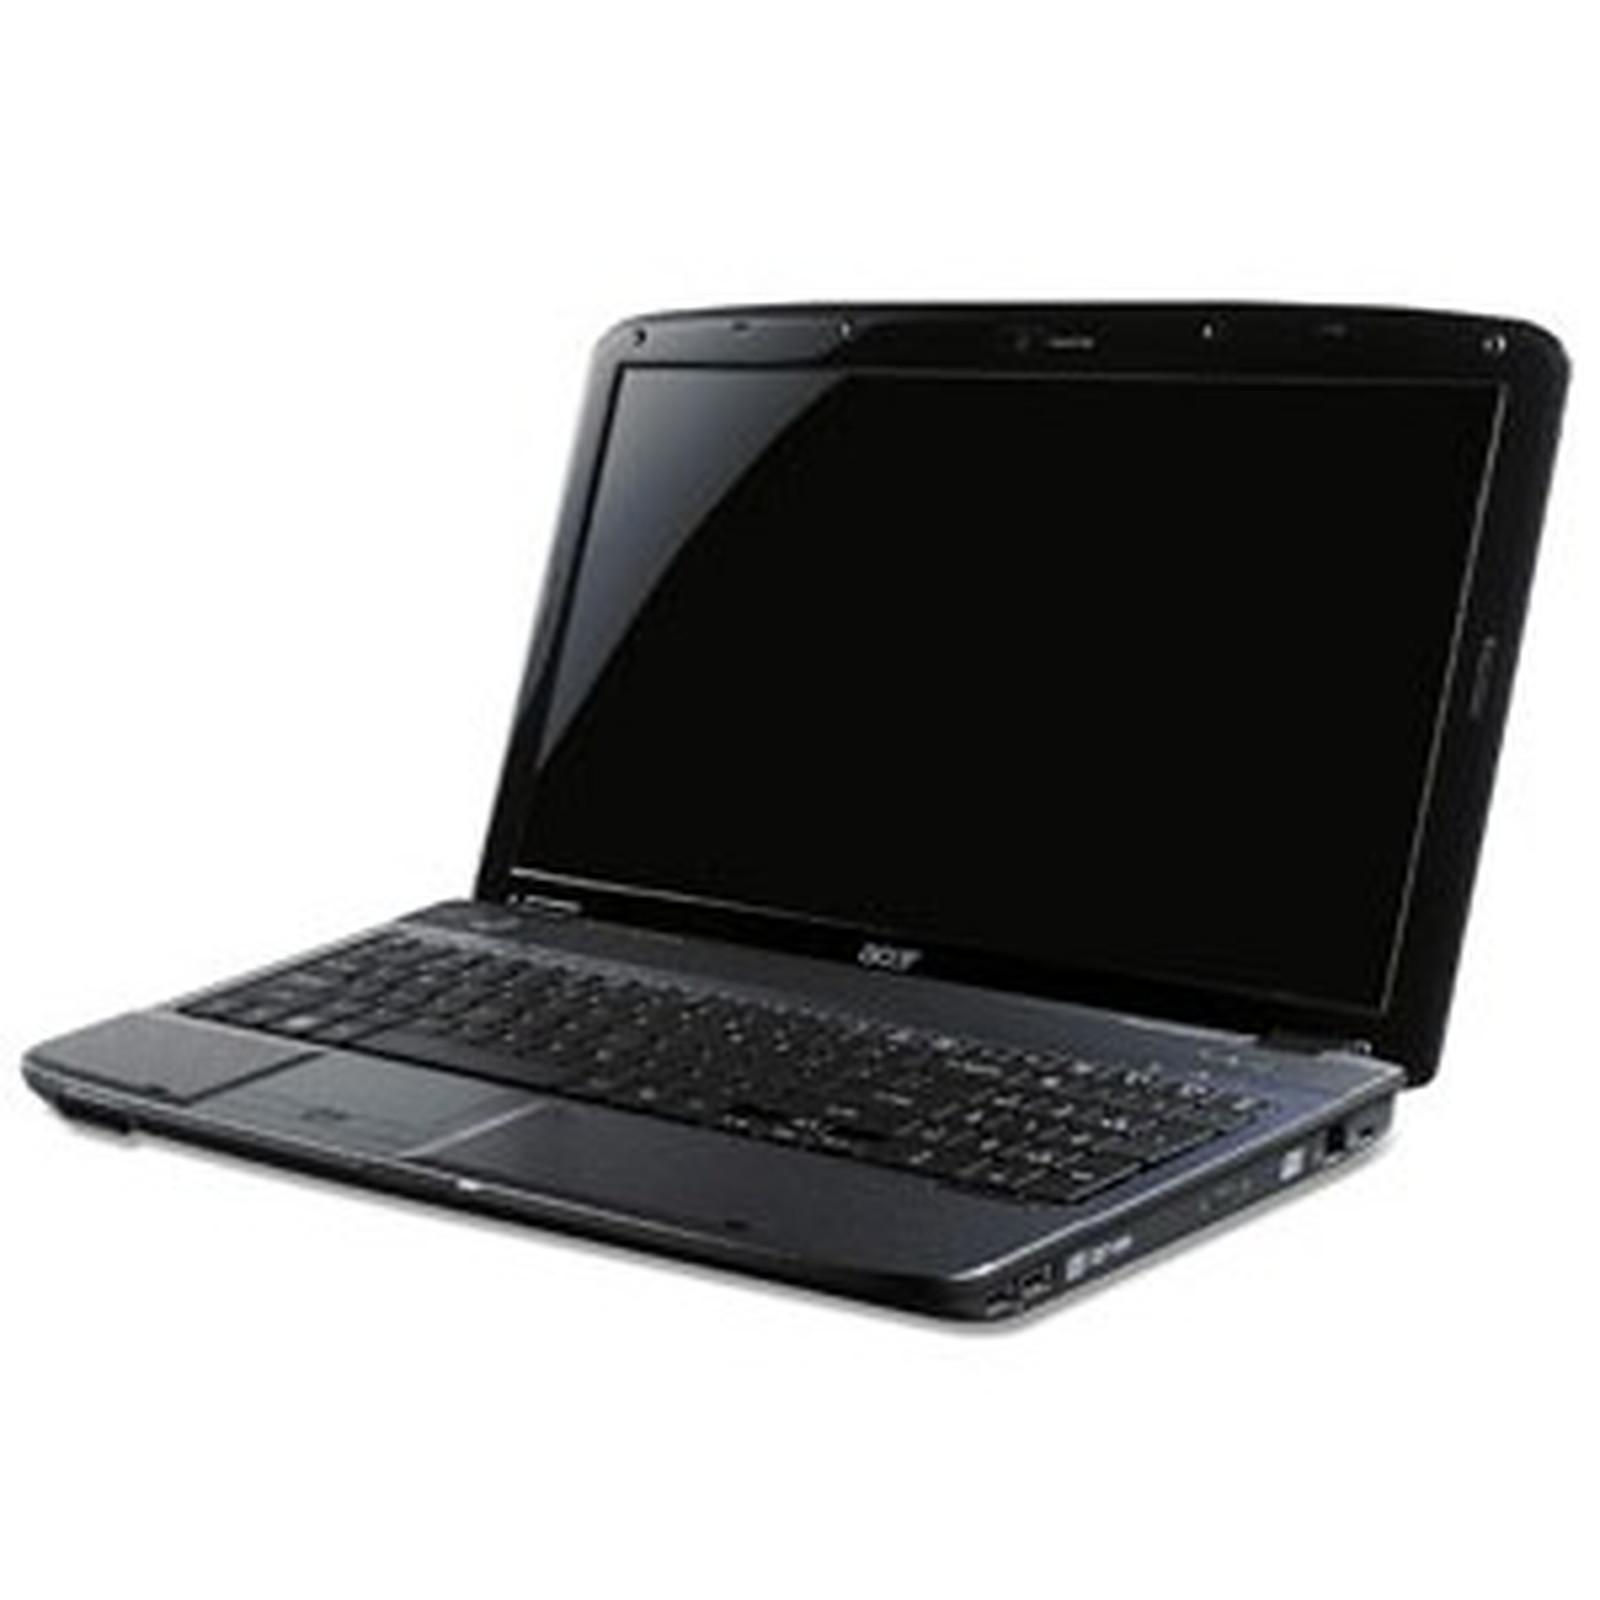 Acer Aspire M1640 Memory Upgrade